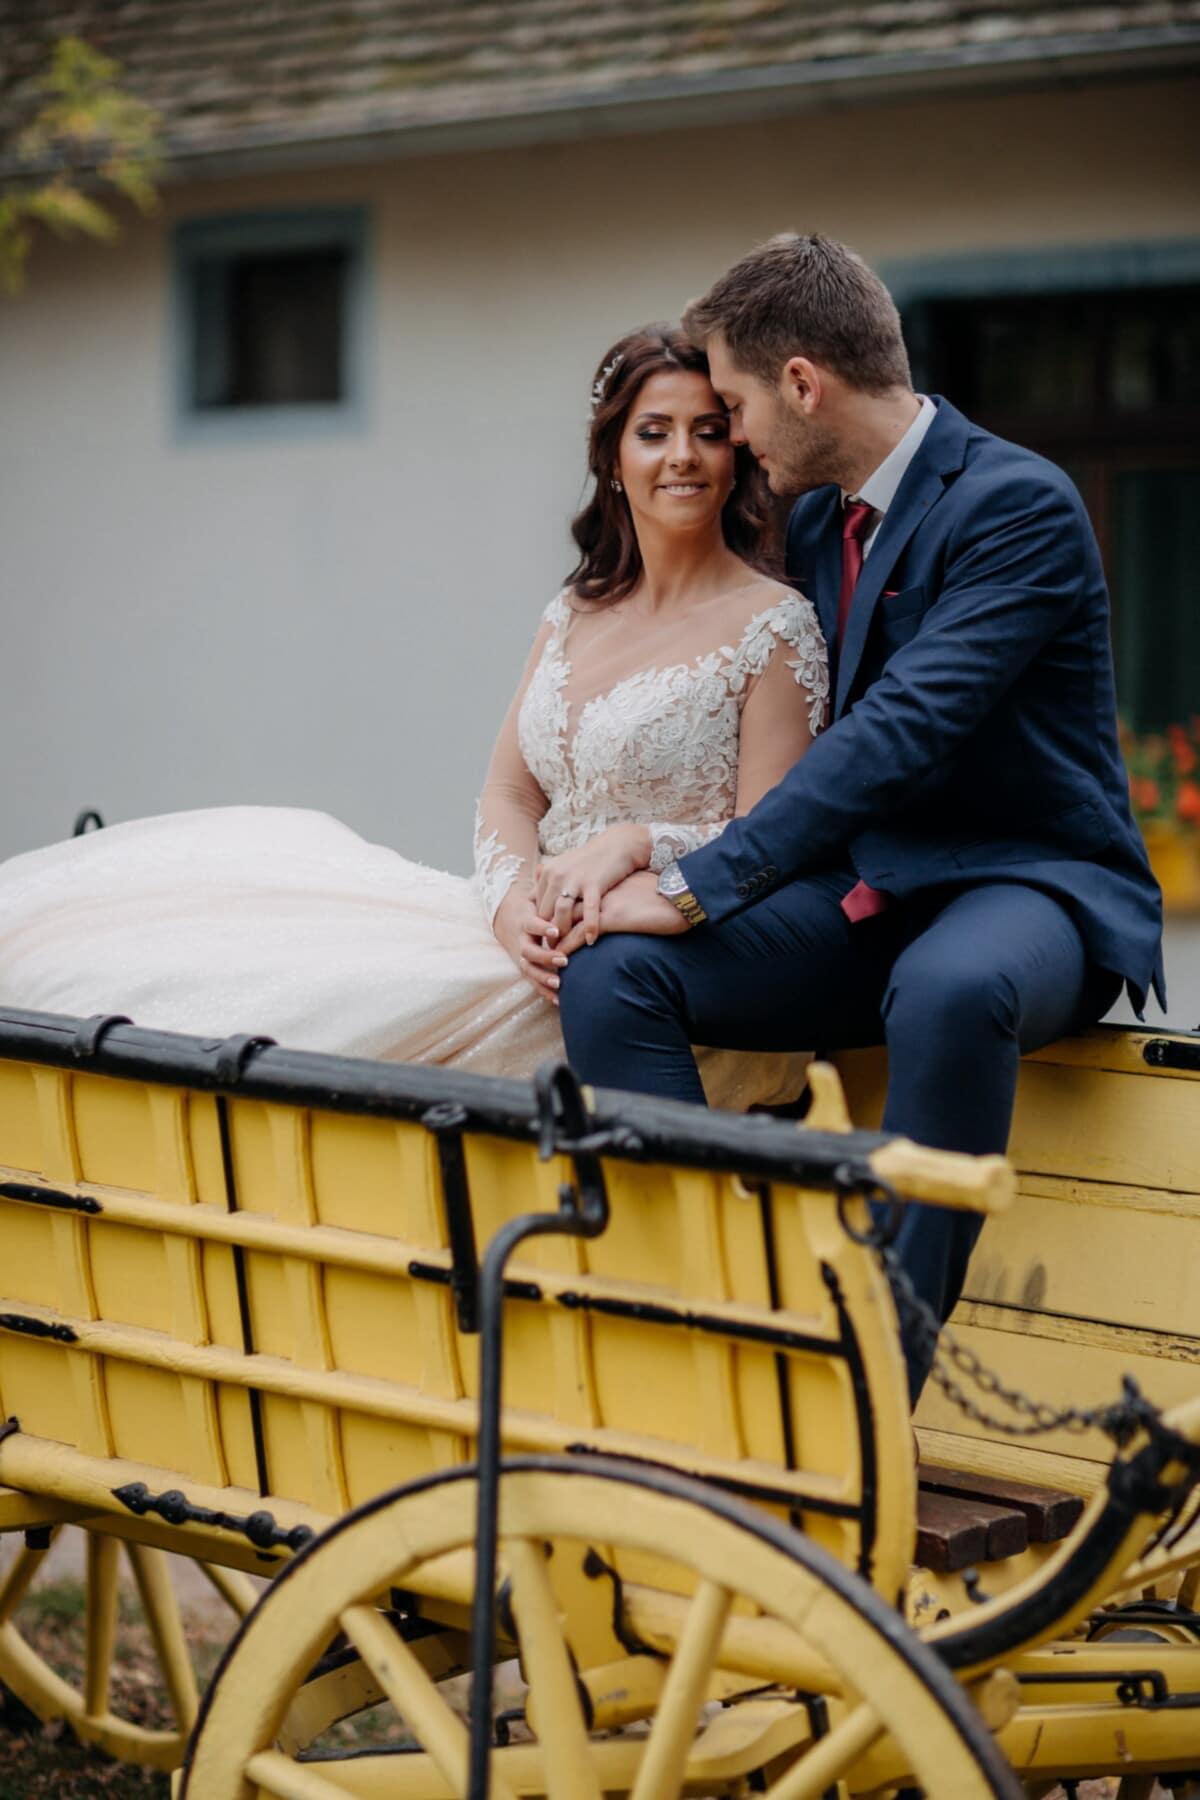 tout juste marié, assis, campagne, village, transport, ferme, arrière-cour, jeune marié, couple, femme